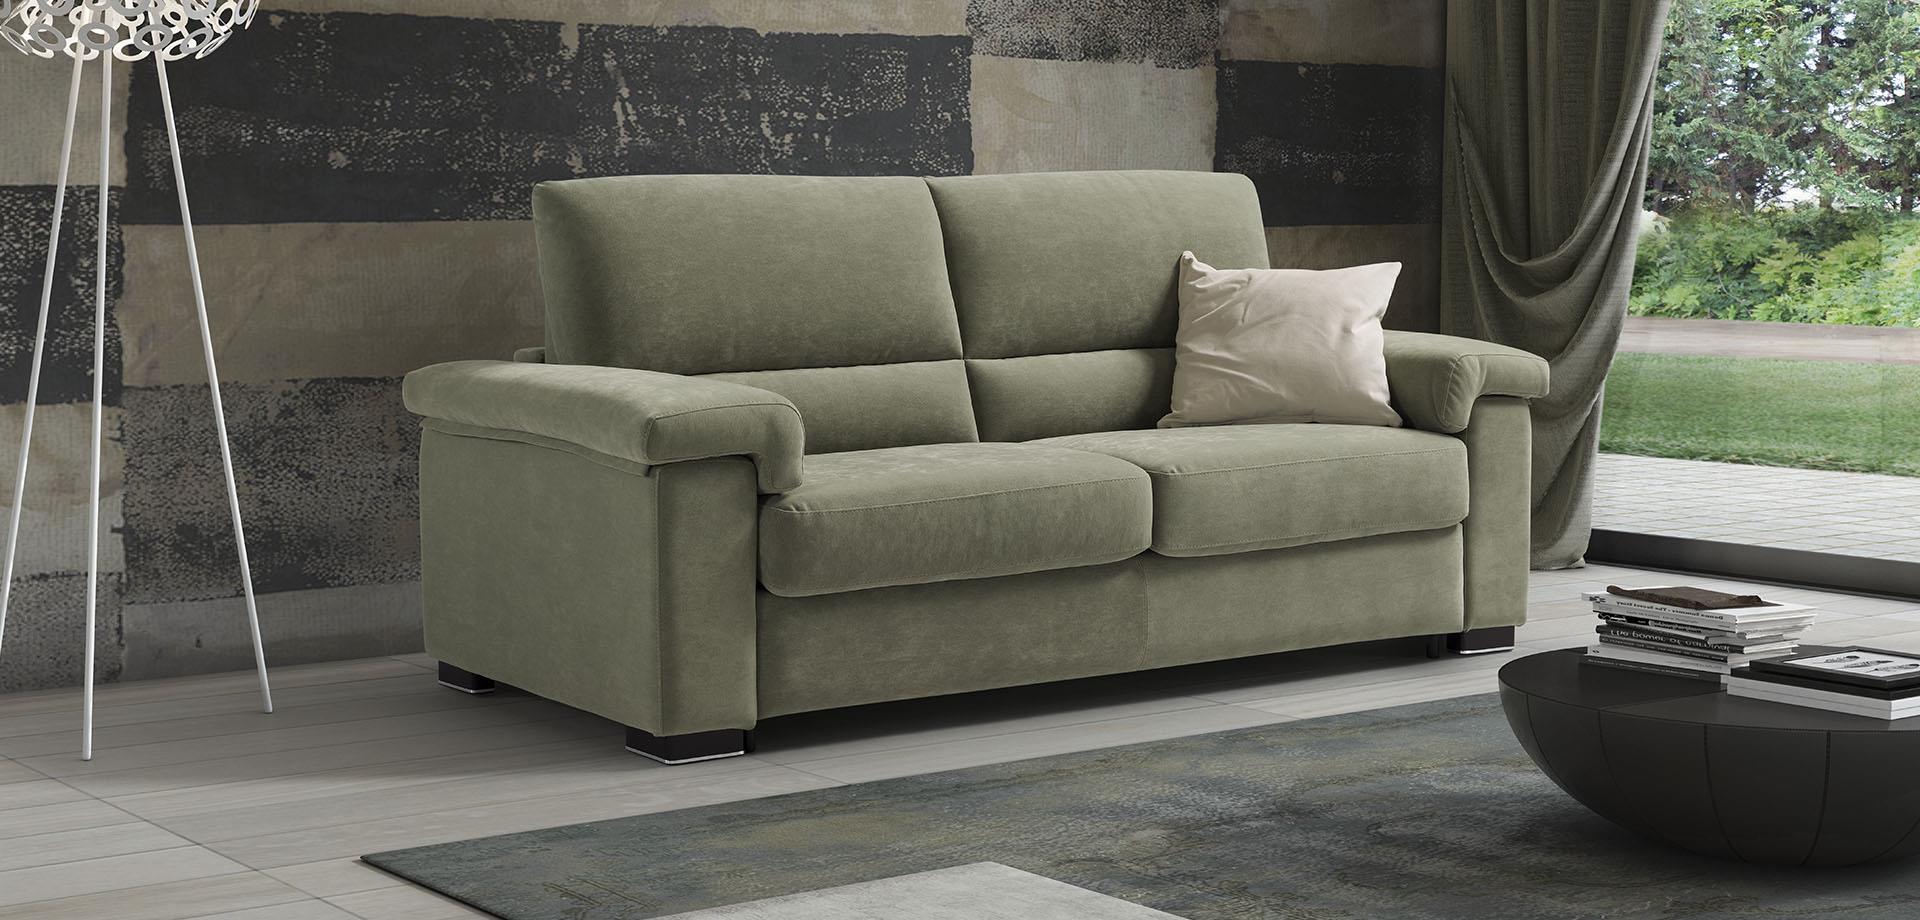 SPOK Sofa Bed